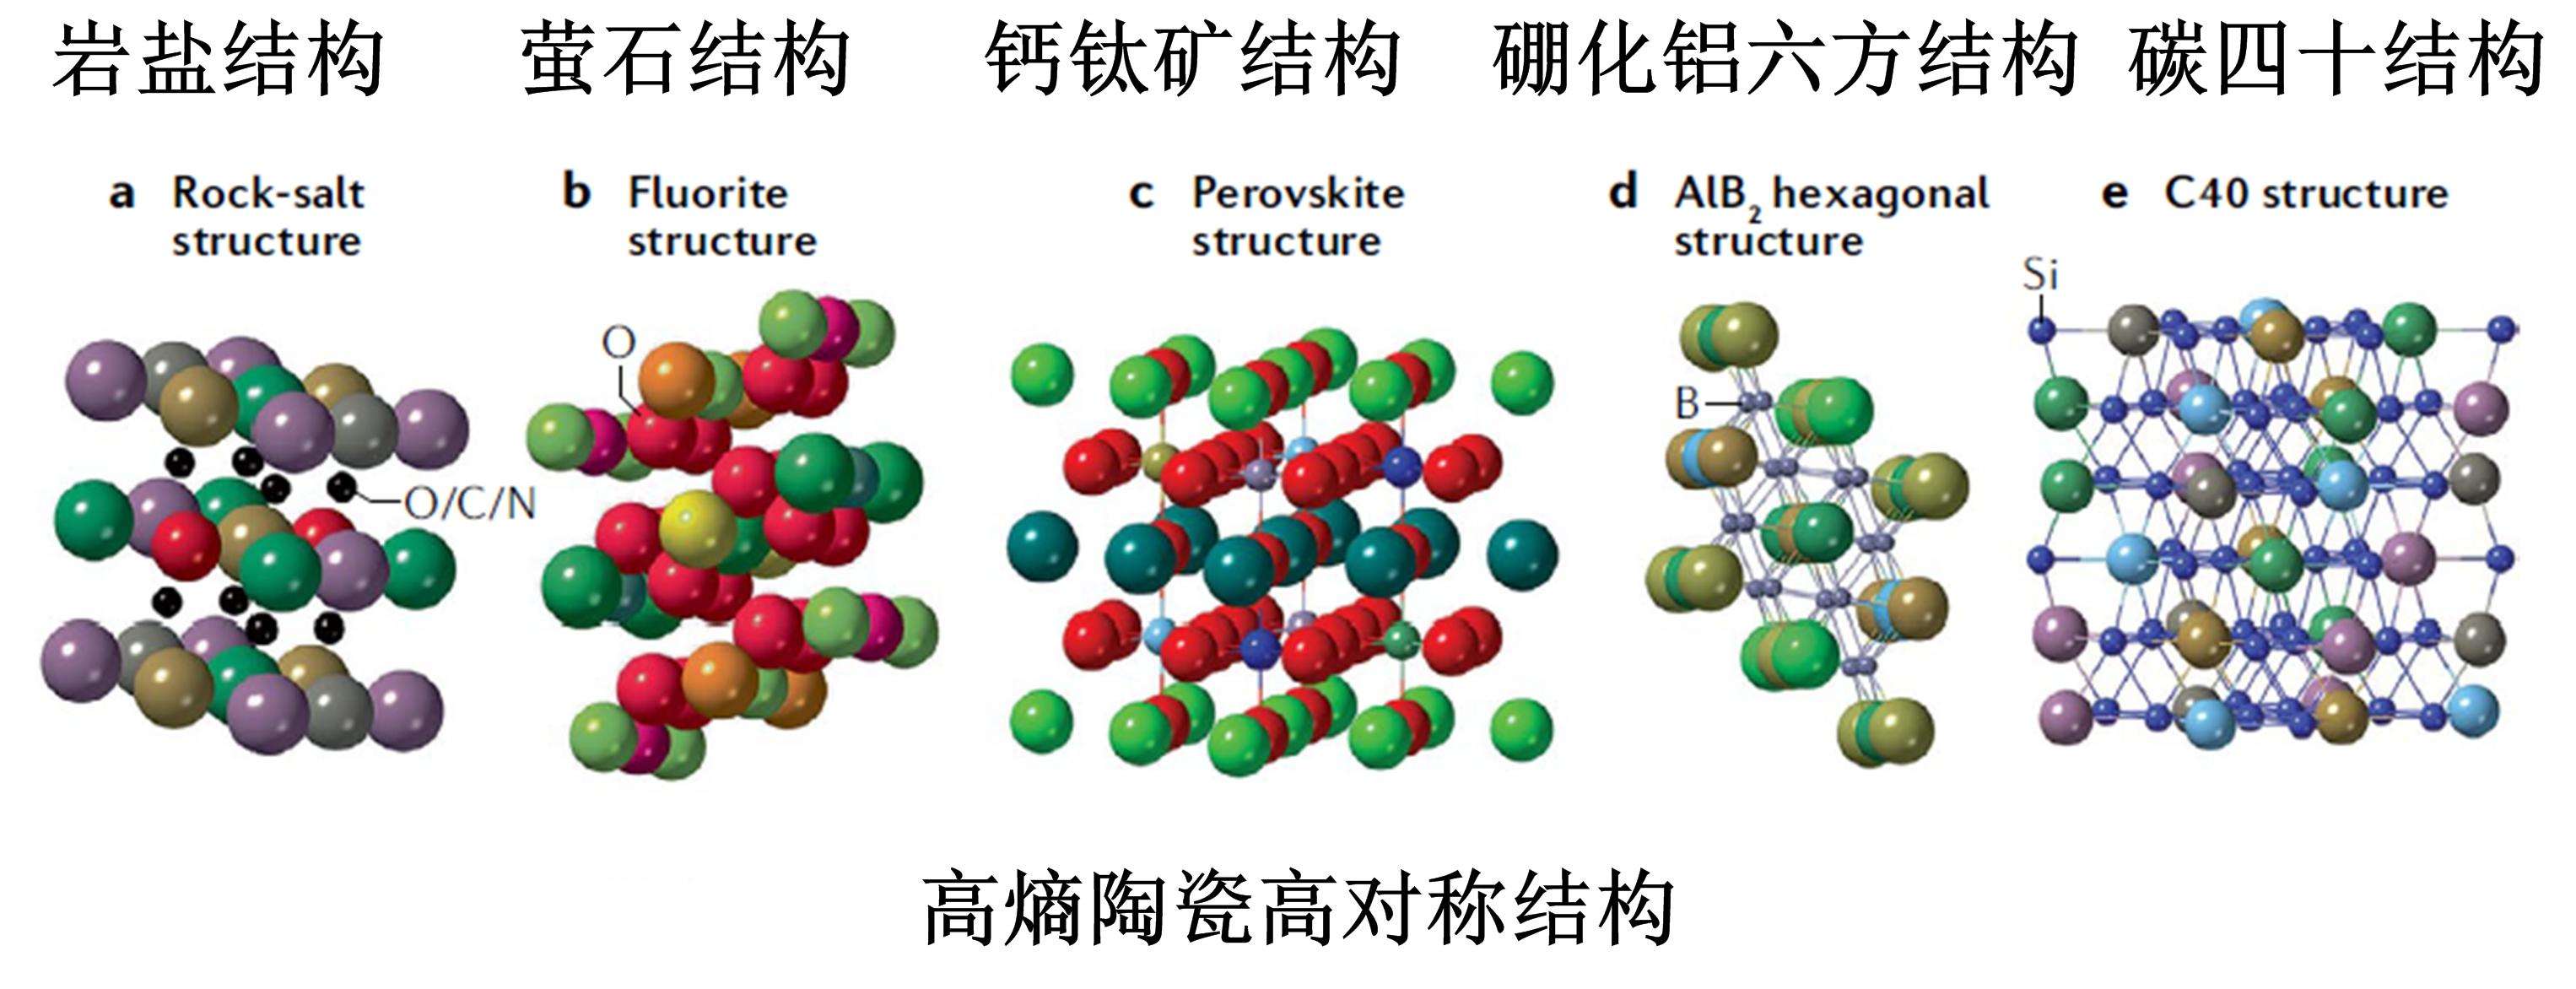 高熵陶瓷高对称结构.jpg